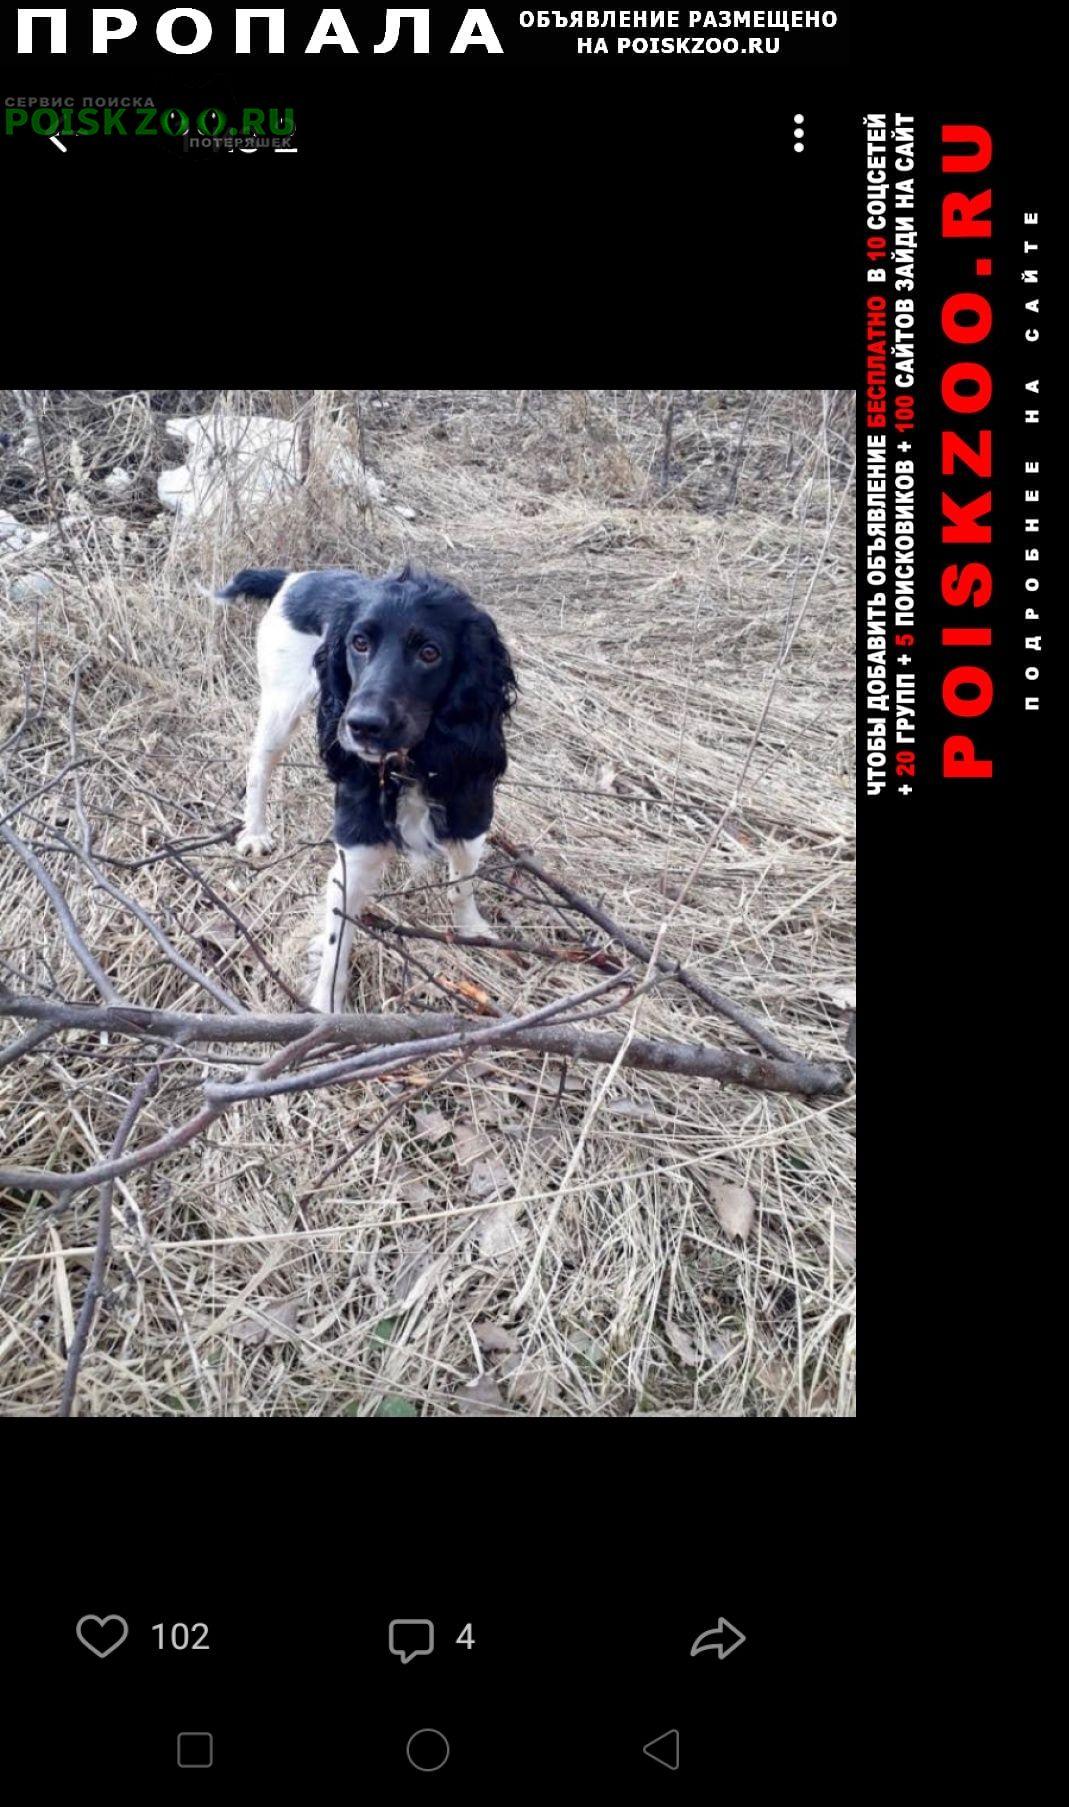 Пропала собака спаниэль Смоленск